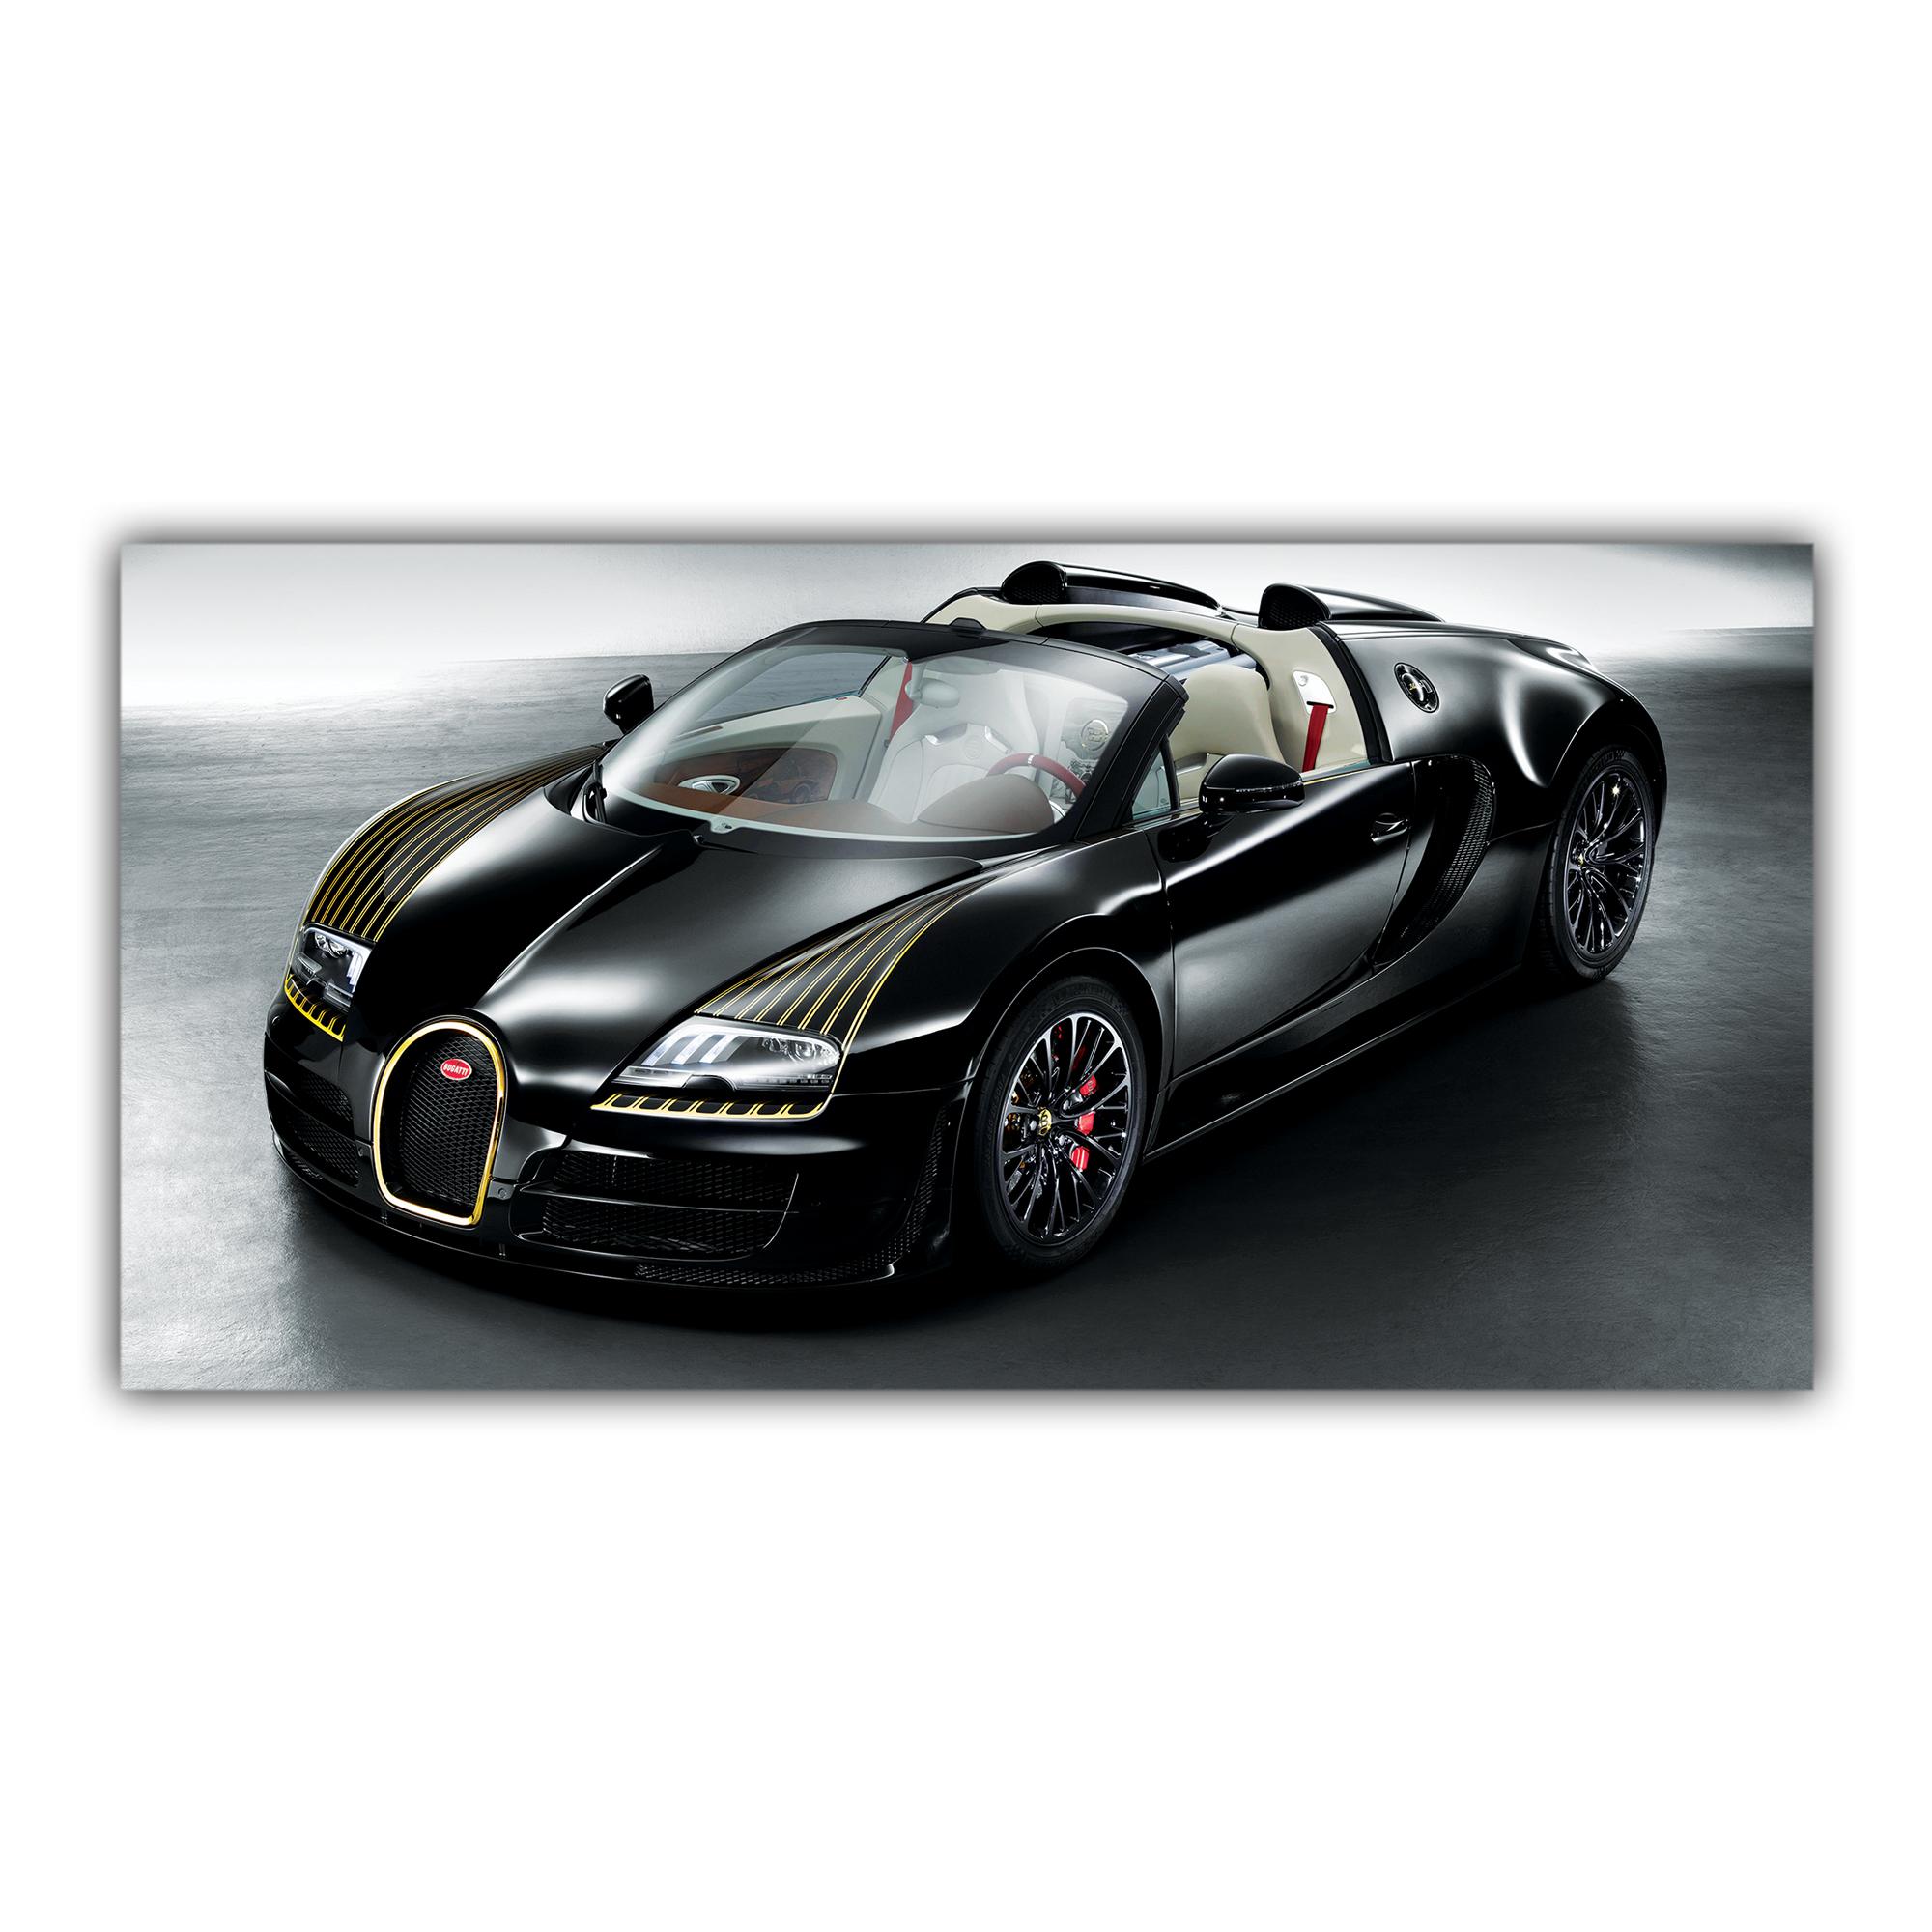 Bugatti Veyron Sport Voiture Noire